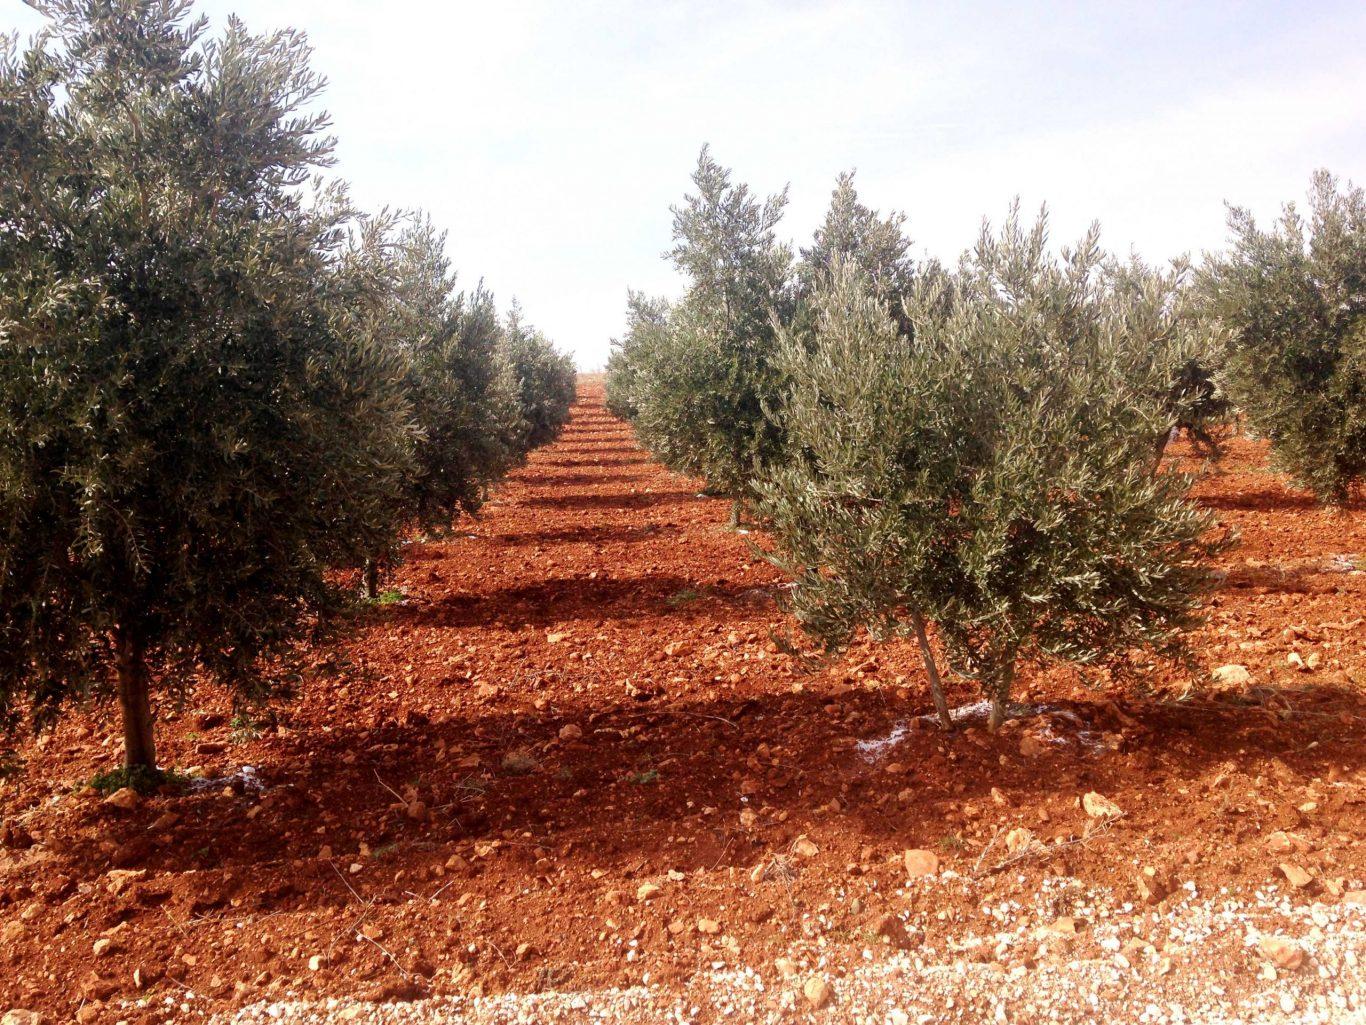 Des oliviers sur une terre aride